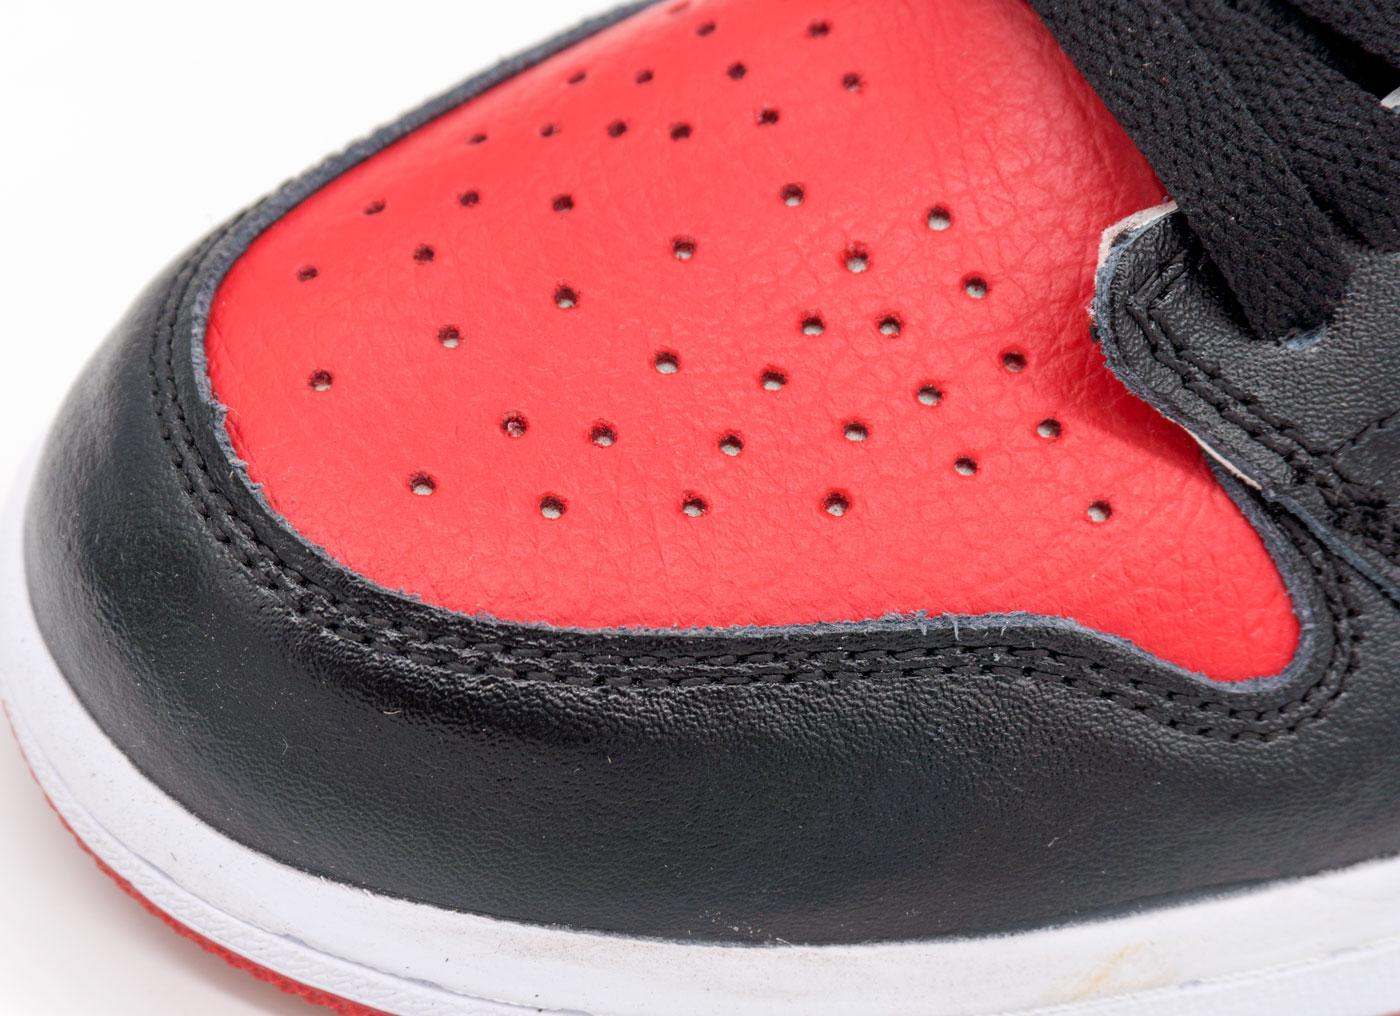 большое фото №5 Высокие белым и красным кроссовки Nike Air Jordan 1. Топ качество!